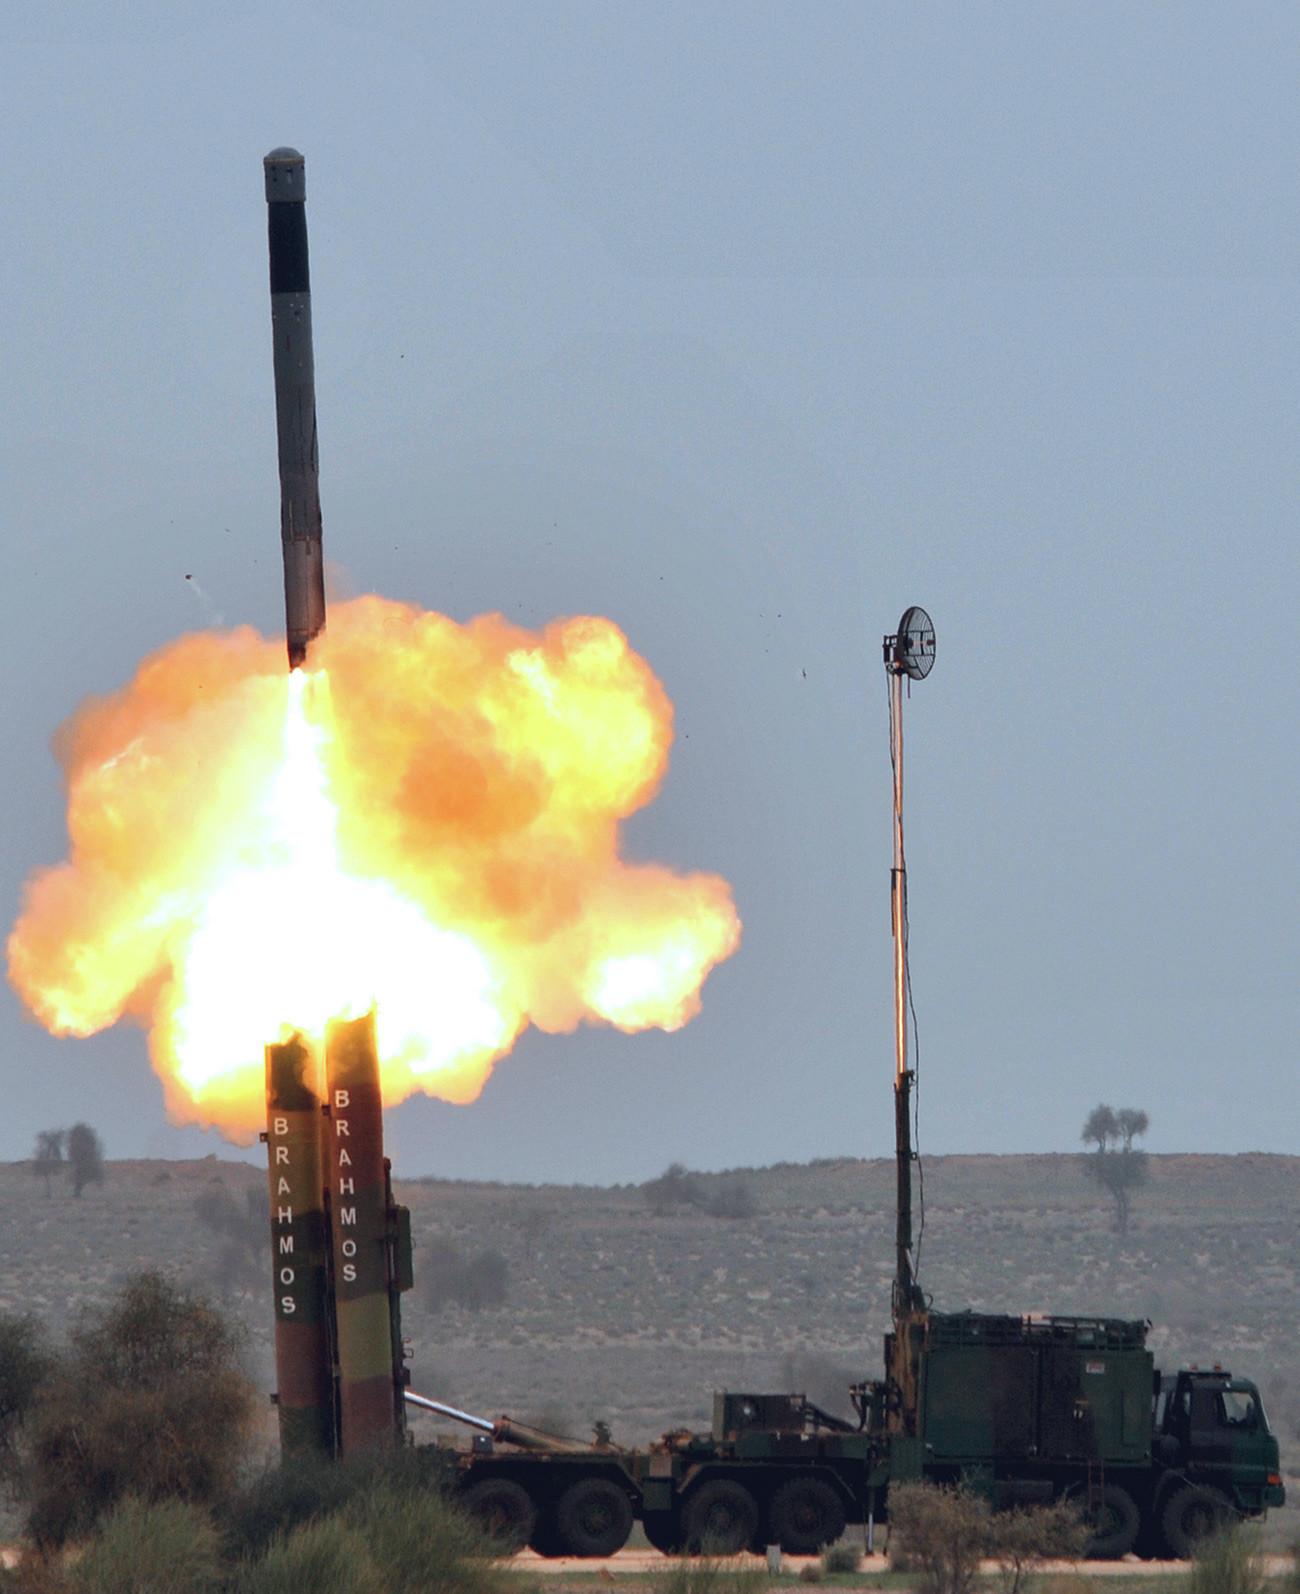 Esta foto muestra el lanzamiento de un misil BrahMos por parte del Ejército indio en un lugar no revelado de Rajastán el 4 de marzo de 2012.